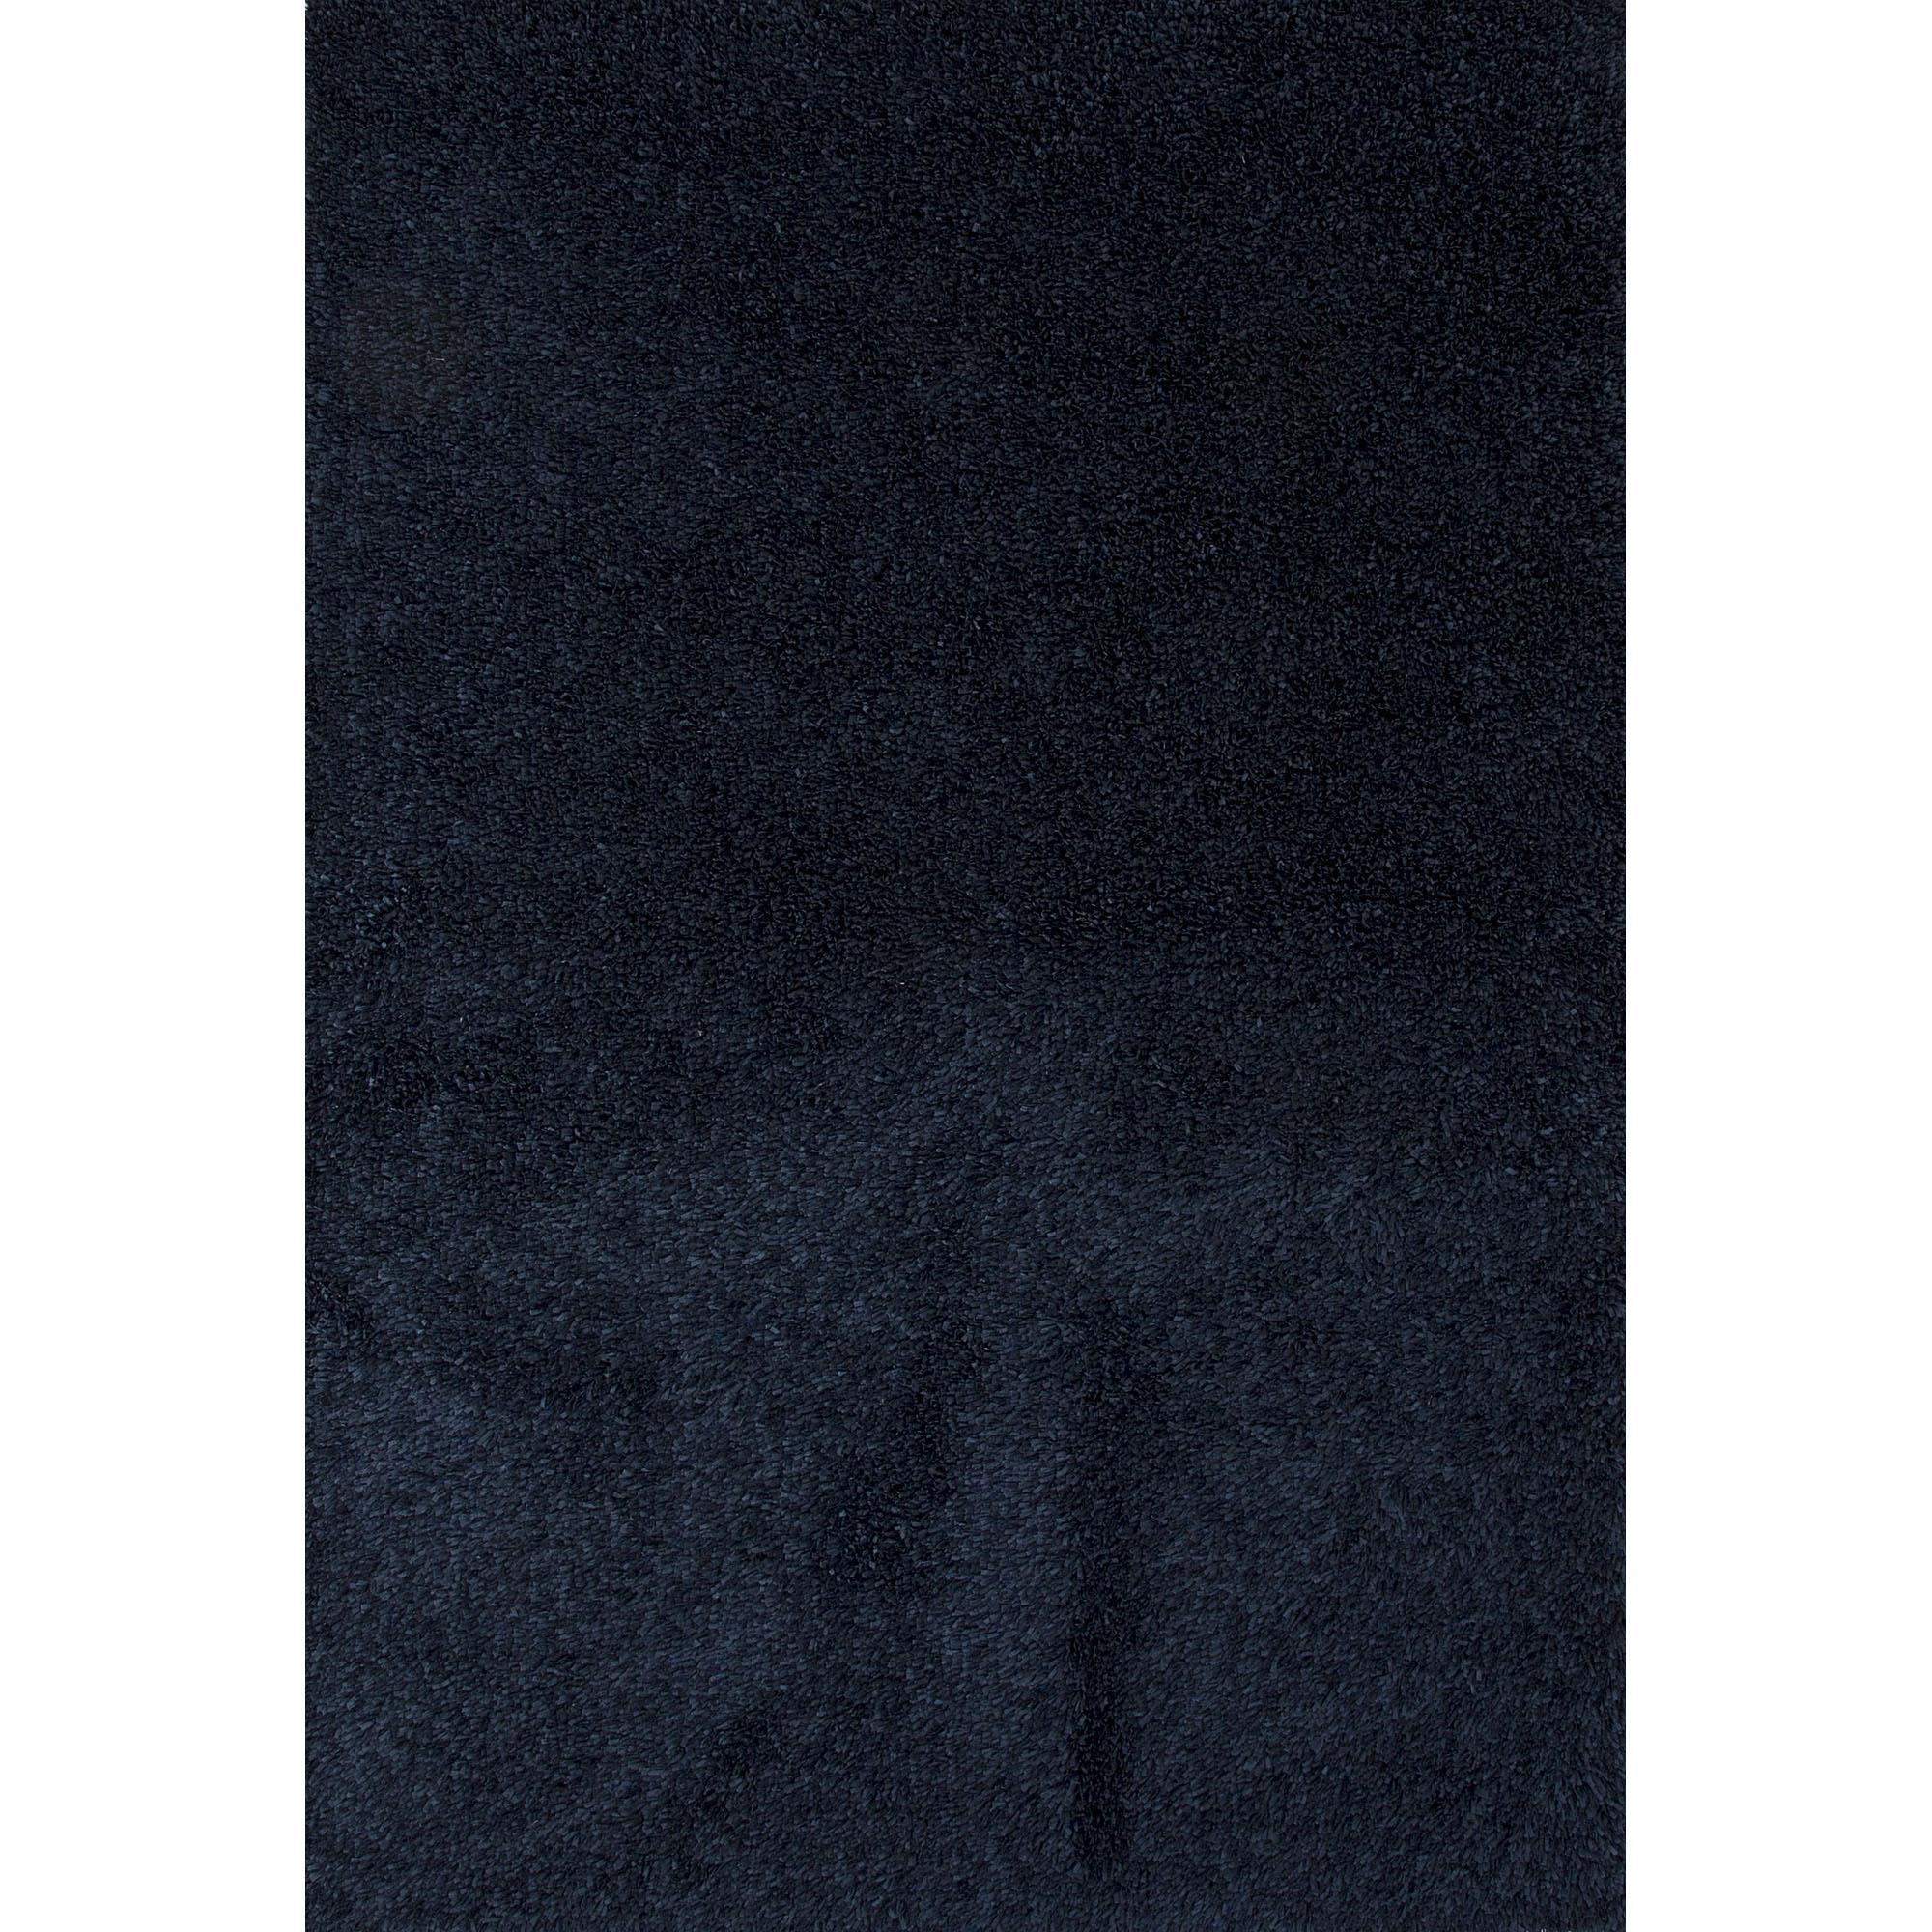 JAIPUR Rugs Cordon 5 x 7.6 Rug - Item Number: RUG123502